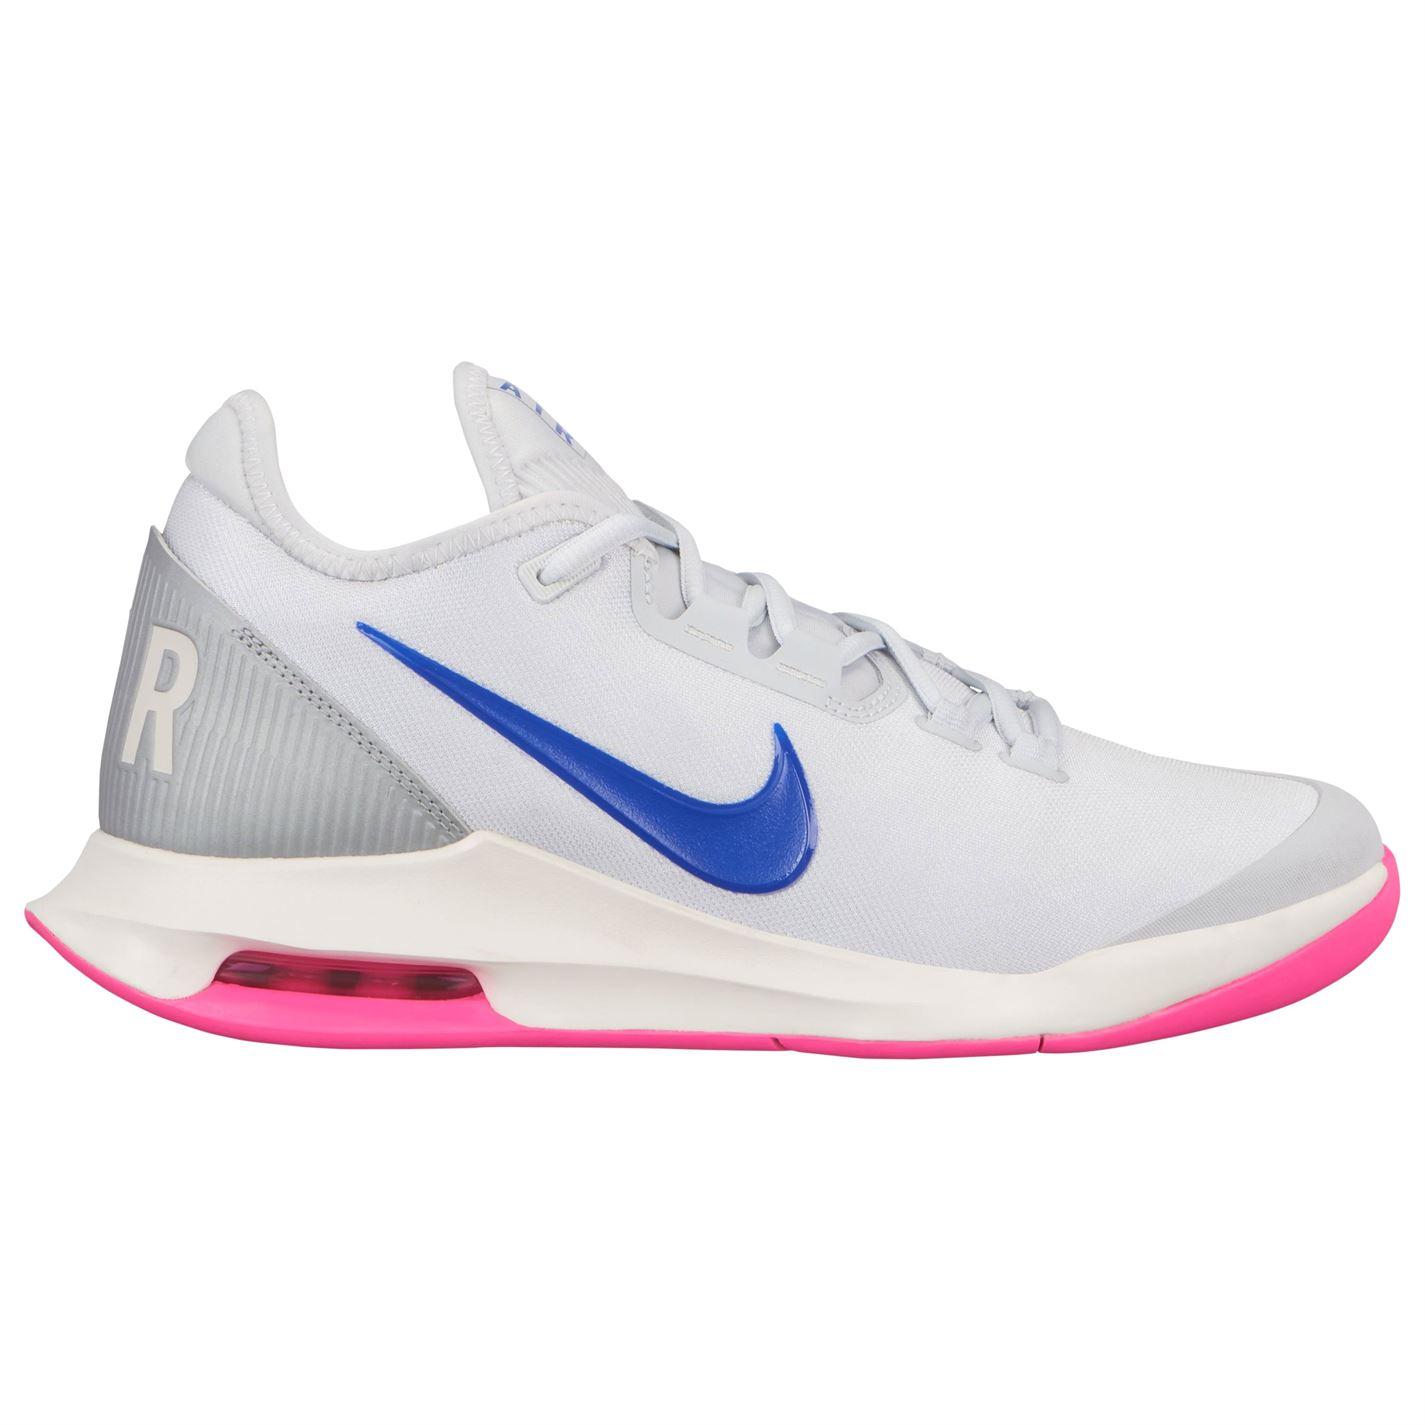 Nike Air Max Wildcard Ladies Trainers